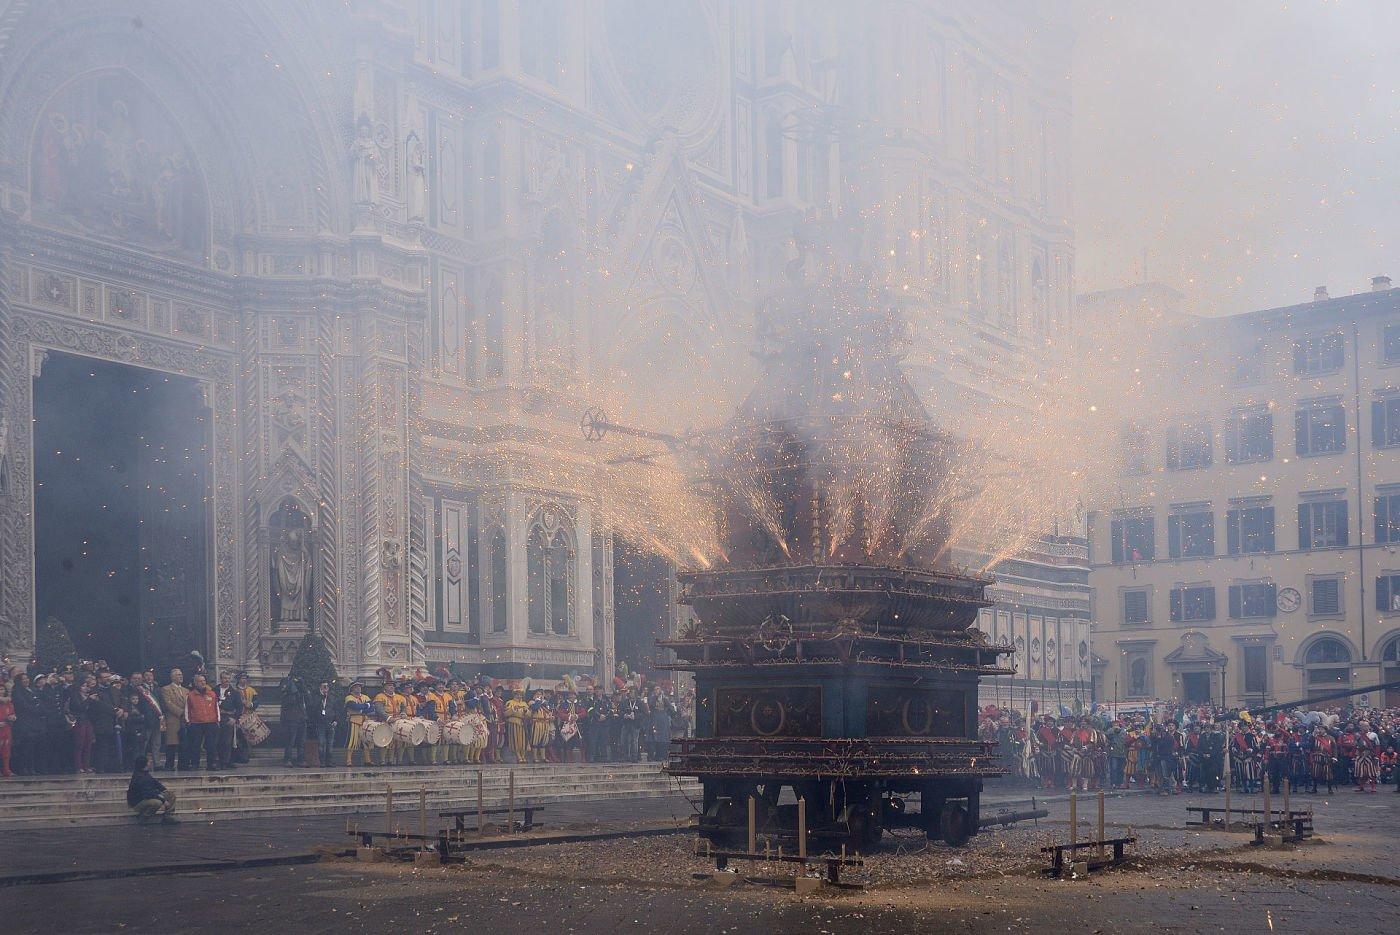 Shpërthimi i qerres Një traditë fiorentine